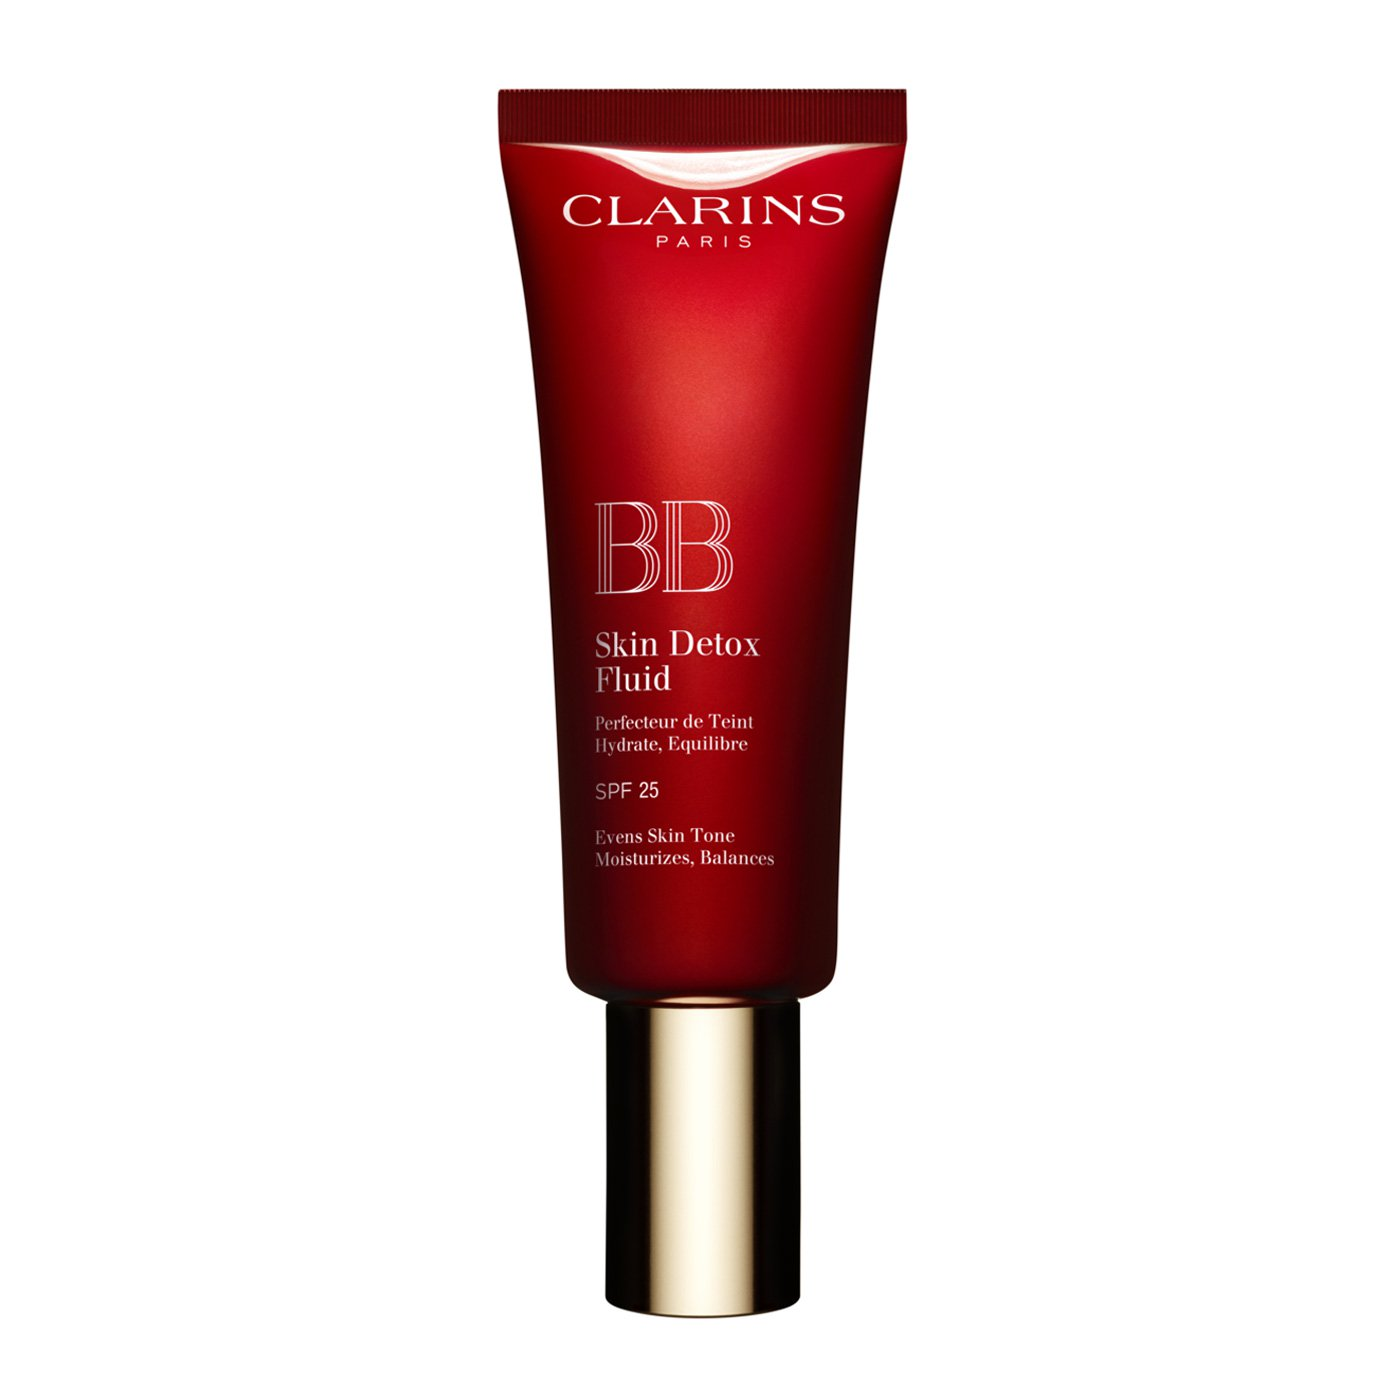 bb creme clarins